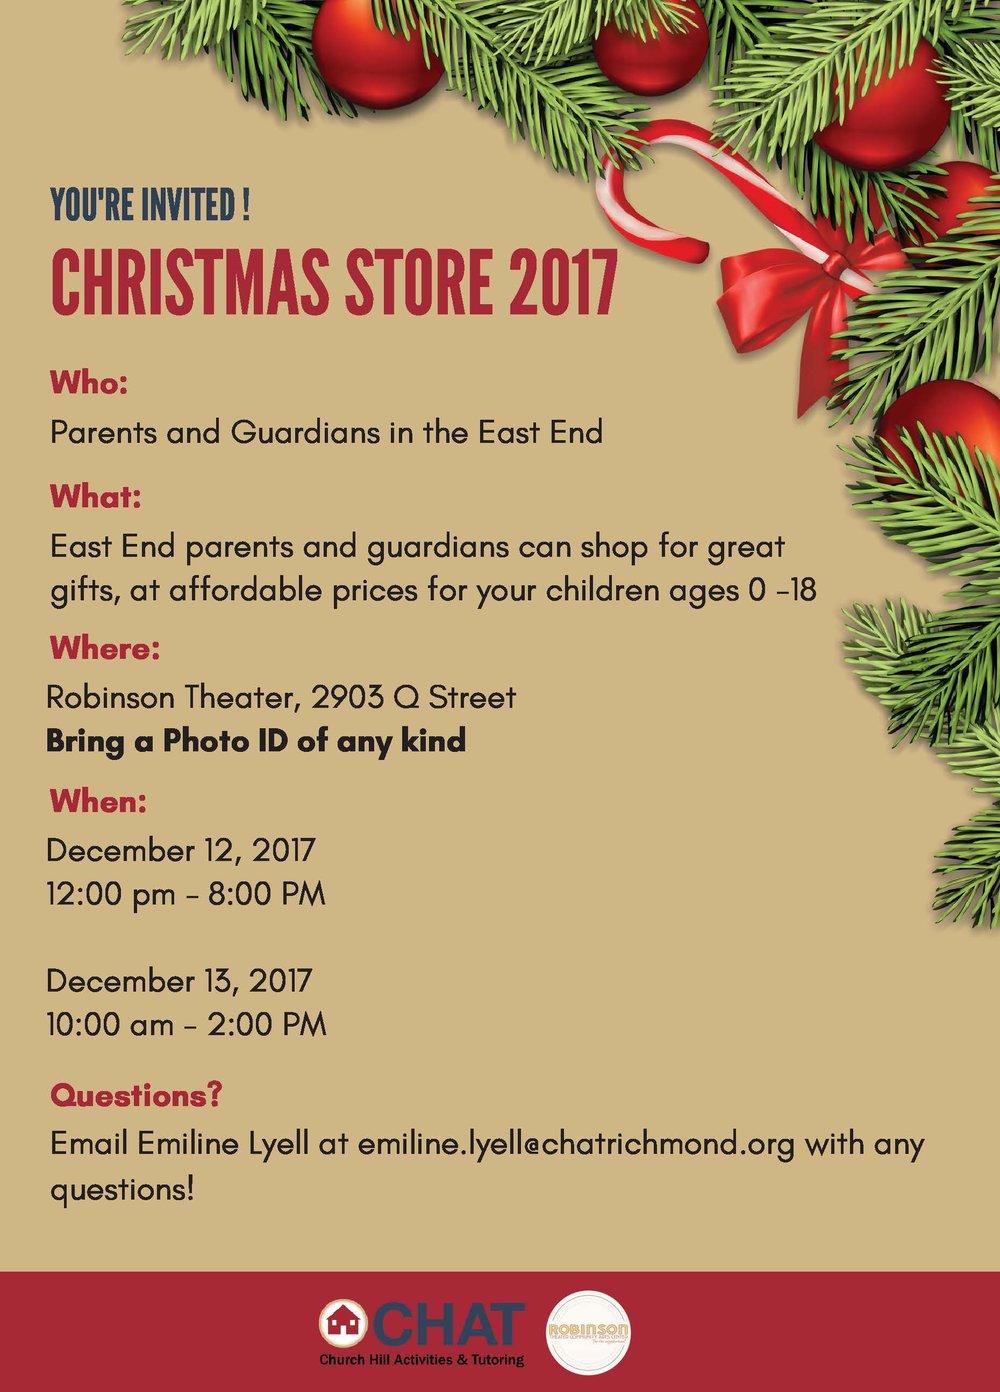 CHRISTMAS STORE 2017 flyer.jpg